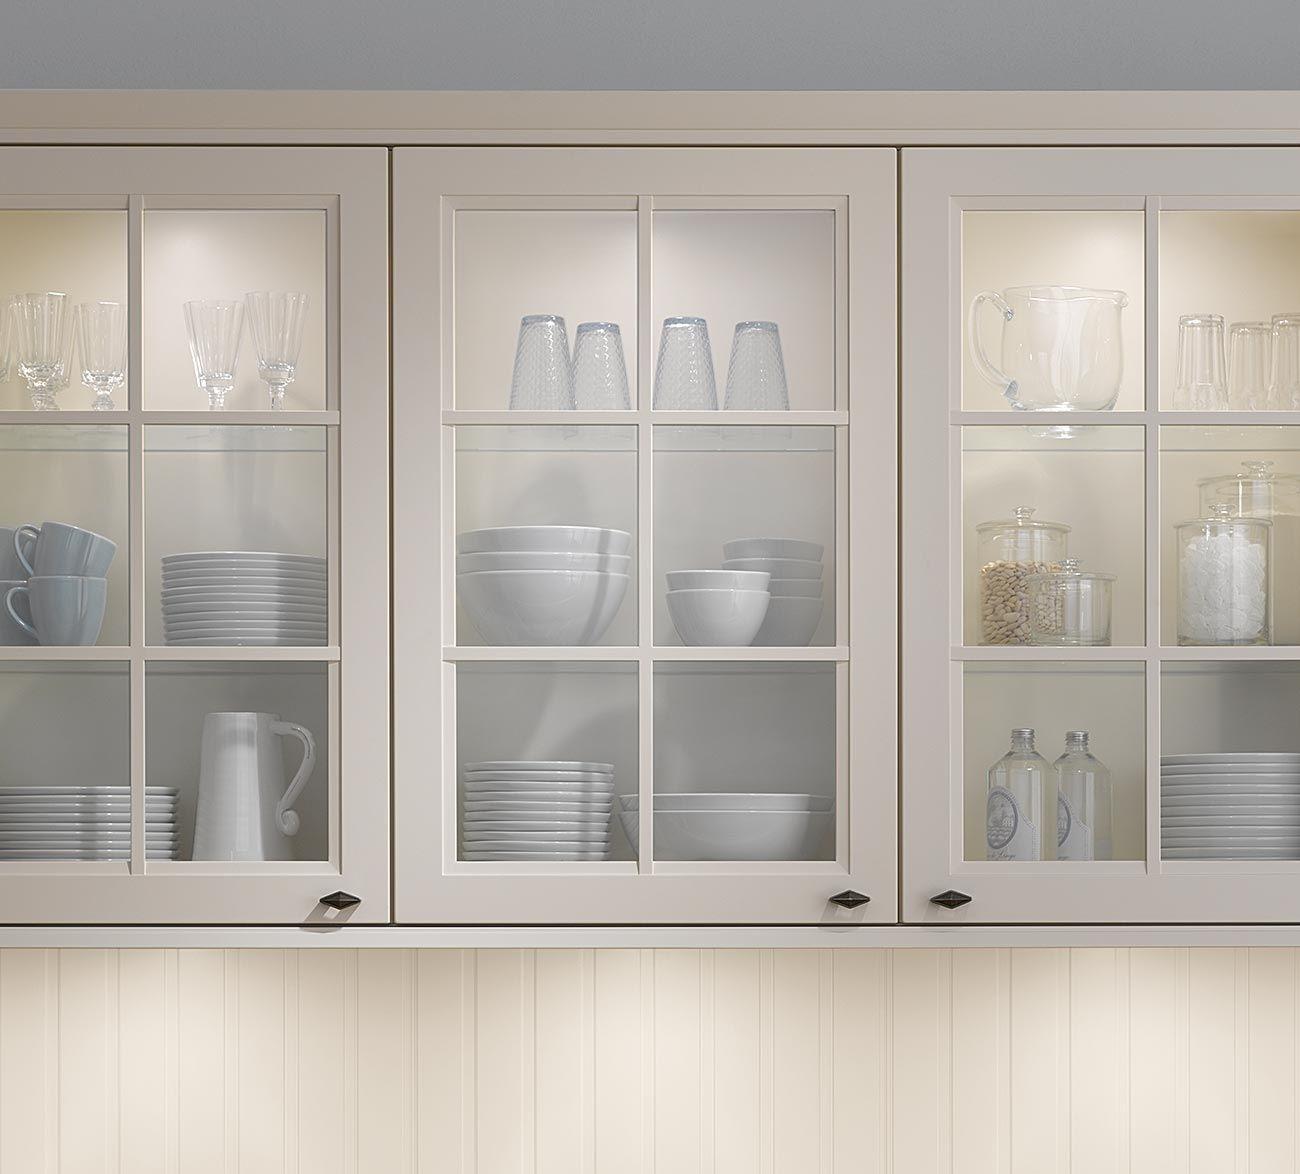 forbløffende-køkken-væg-kabinetter-glas-døre-glas-køkken-frysere-køkken-hele-glas-front-køkken-frysere-fra-glas-køkken-kabinetter